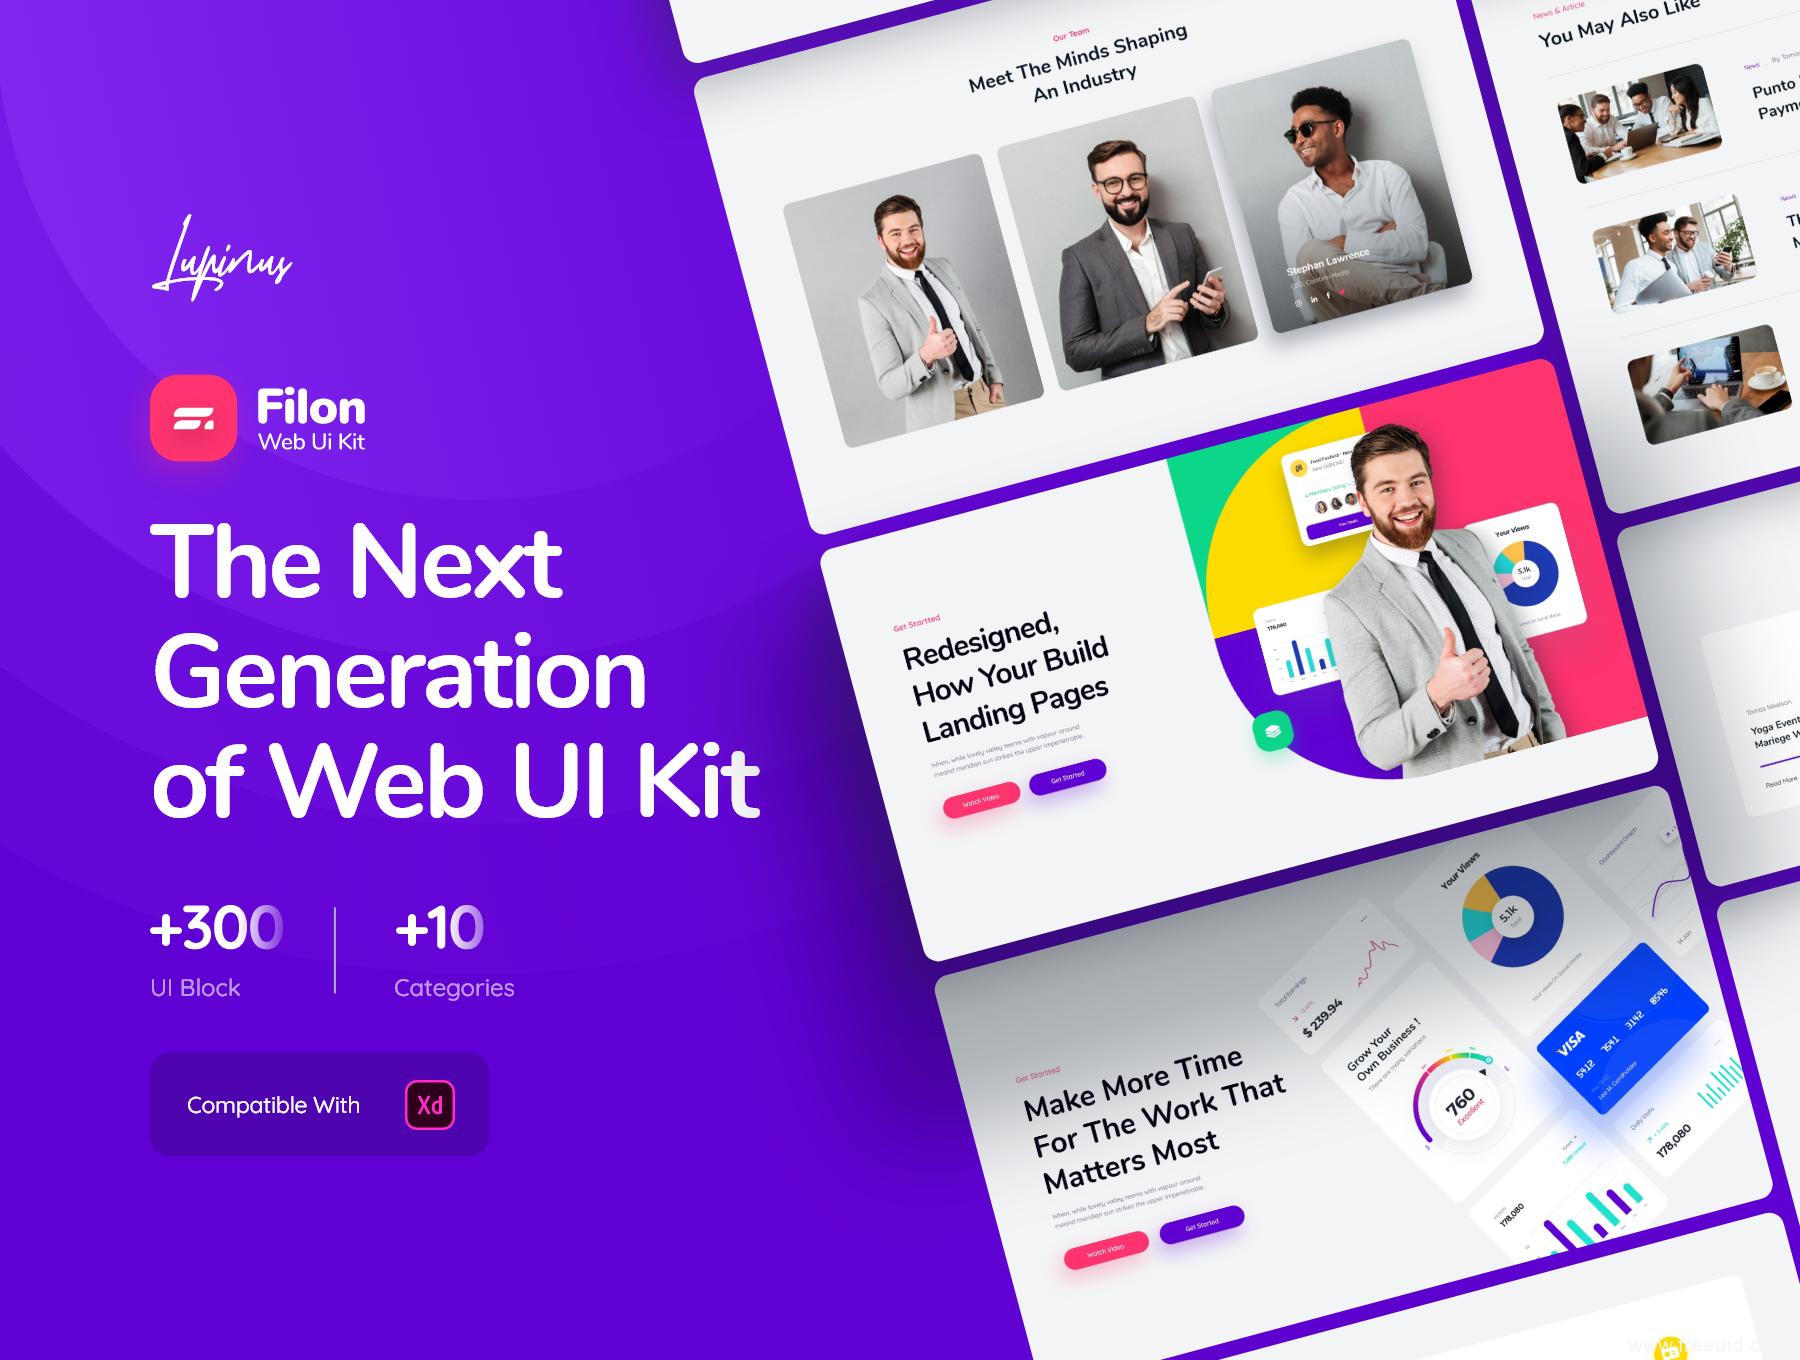 高端网页设计UI素材,个人网站UI界面设计源文件,高端企业网站作品集网站UI资源下载